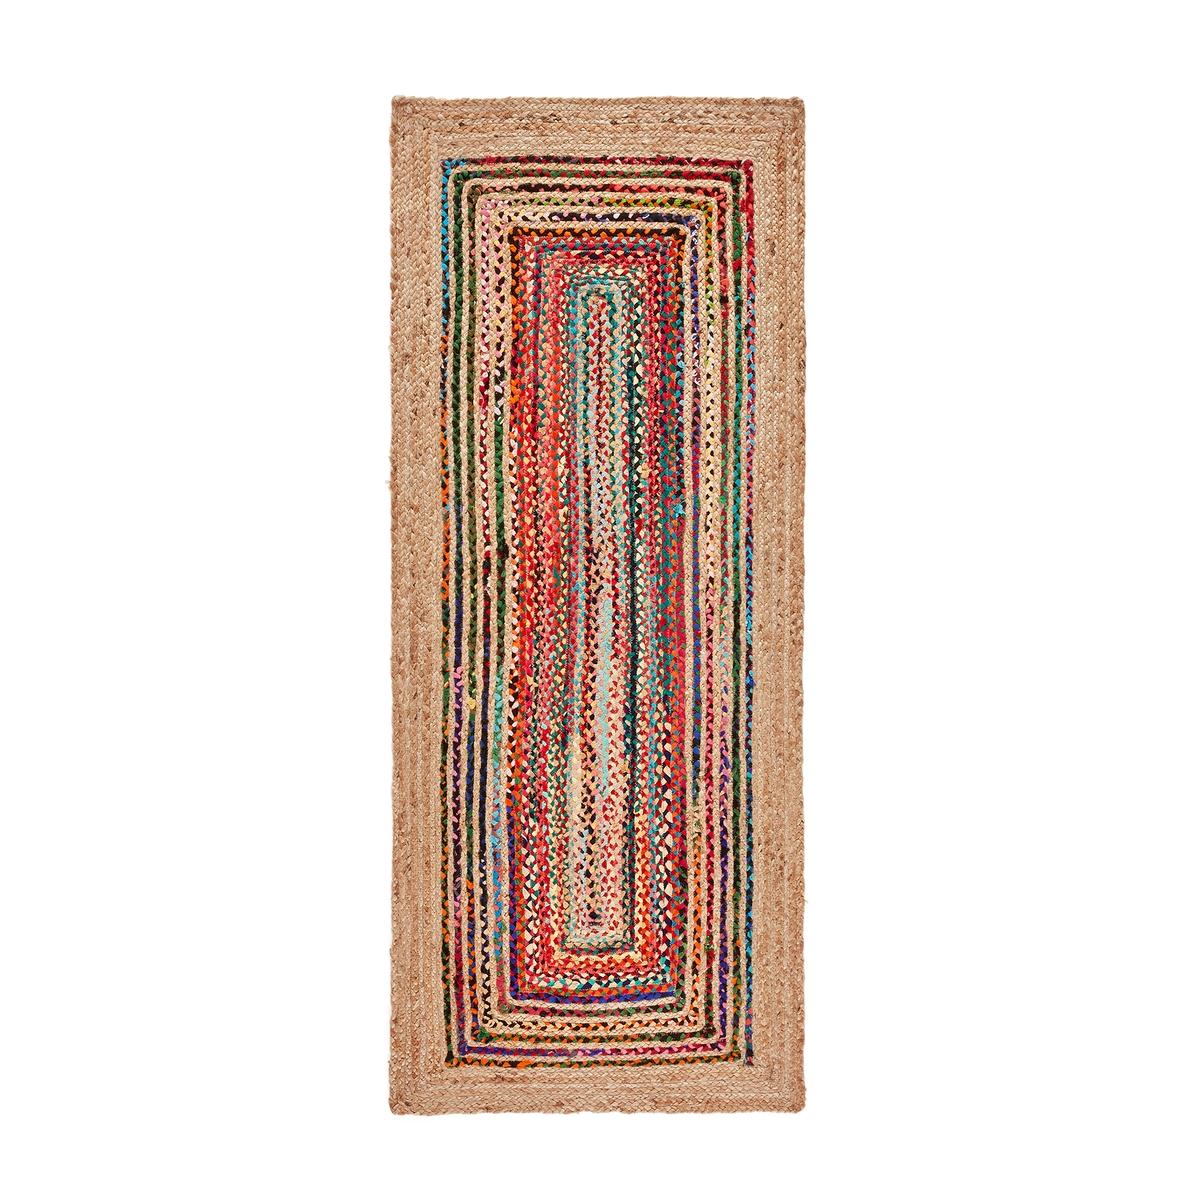 Фото - Ковер LaRedoute Цветной из джута и хлопка Jaco 80 x 200 см разноцветный ковер laredoute из джута и хлопка пастельных тонов bazyli 120 x 180 см разноцветный